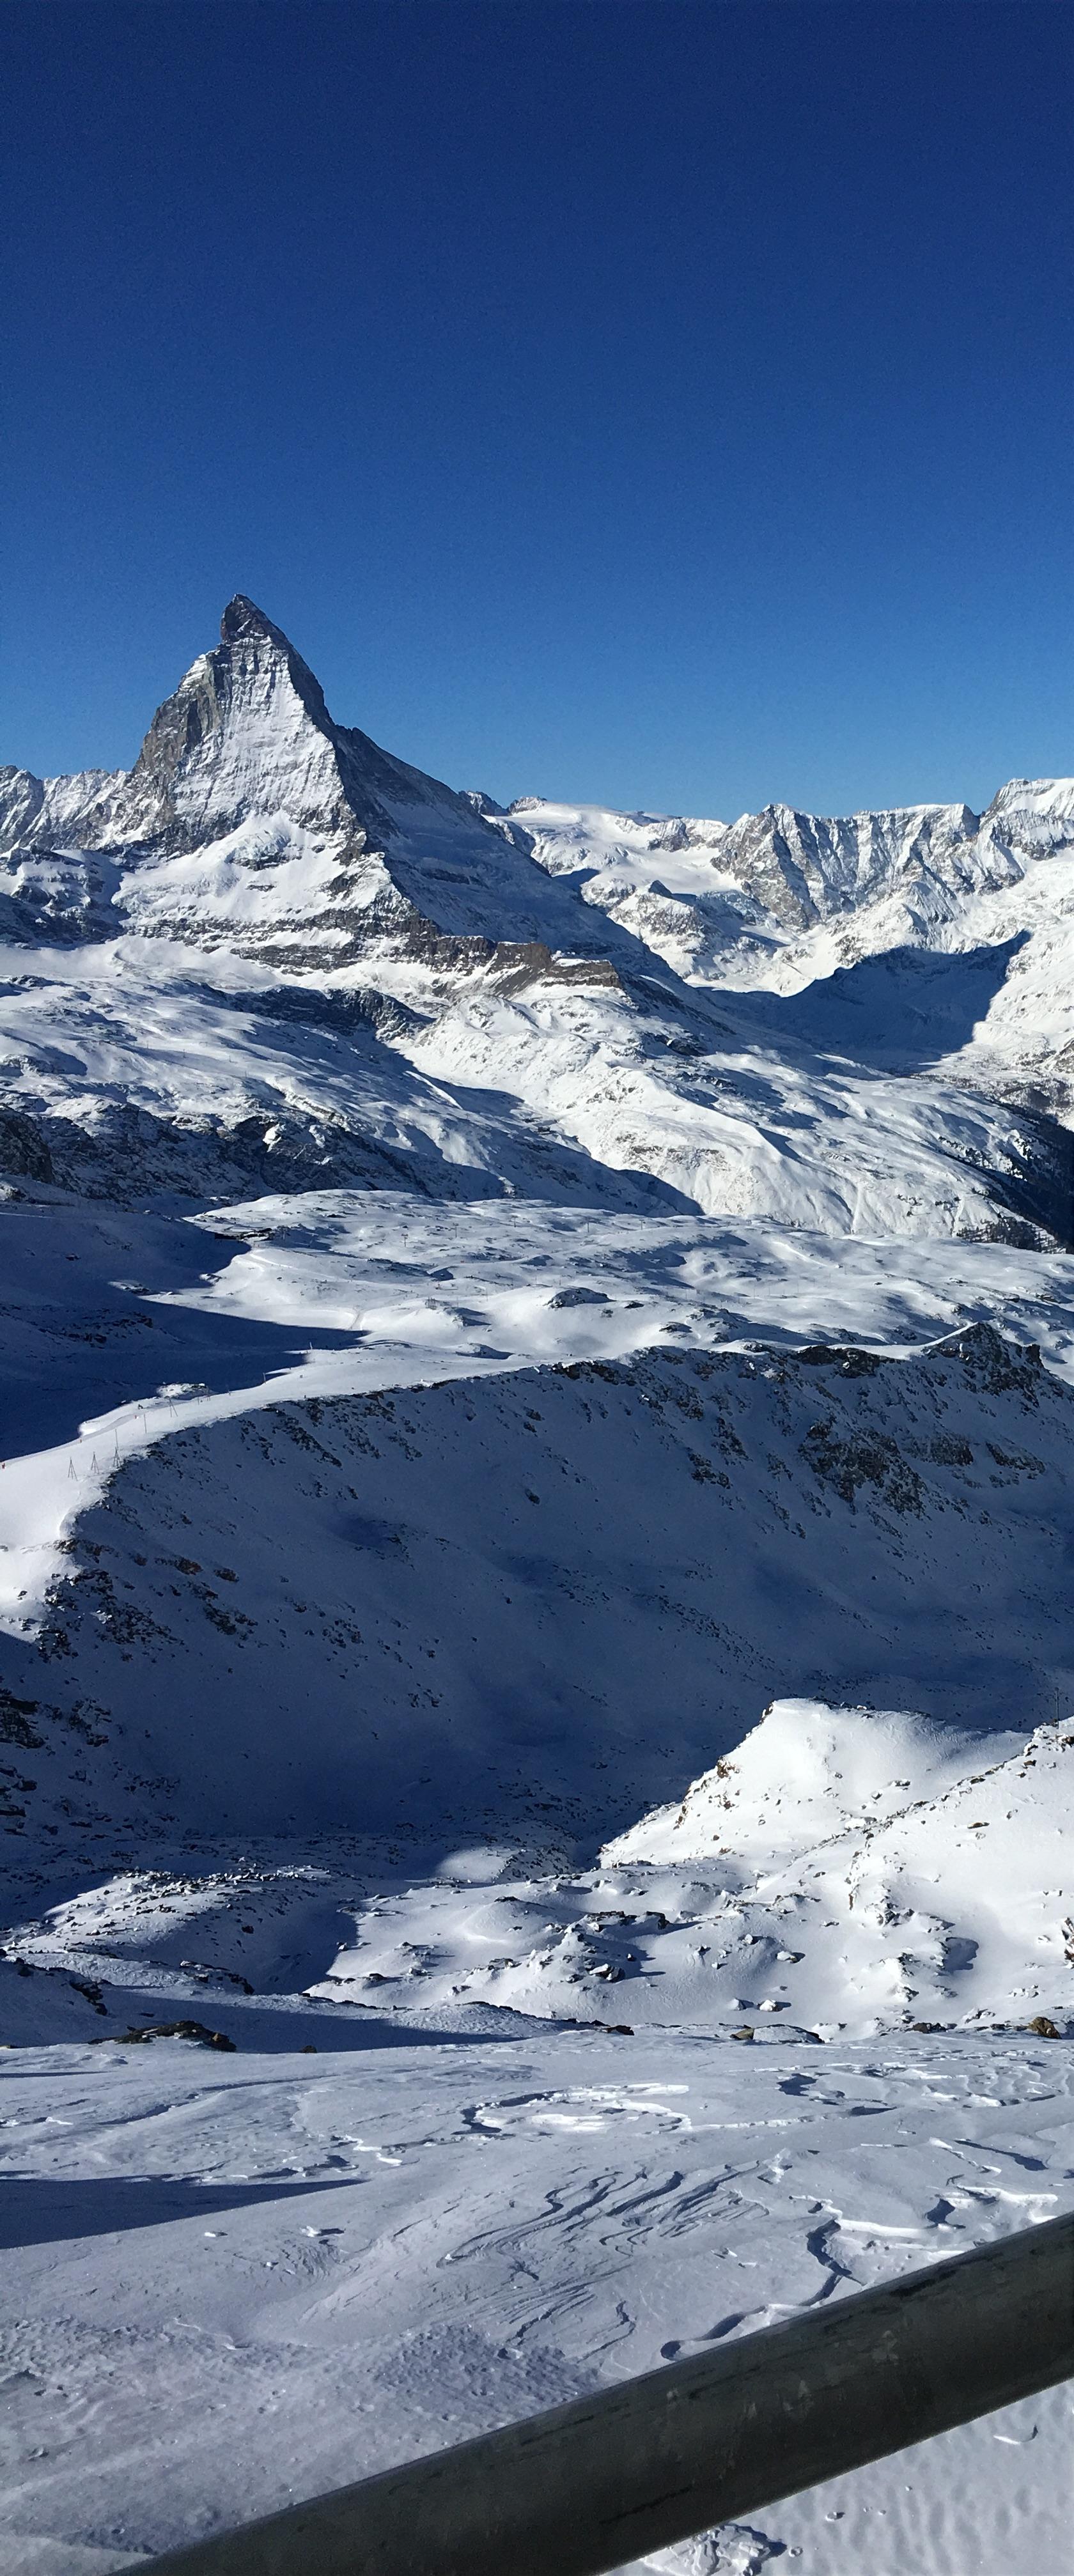 January 2017, Zermatt